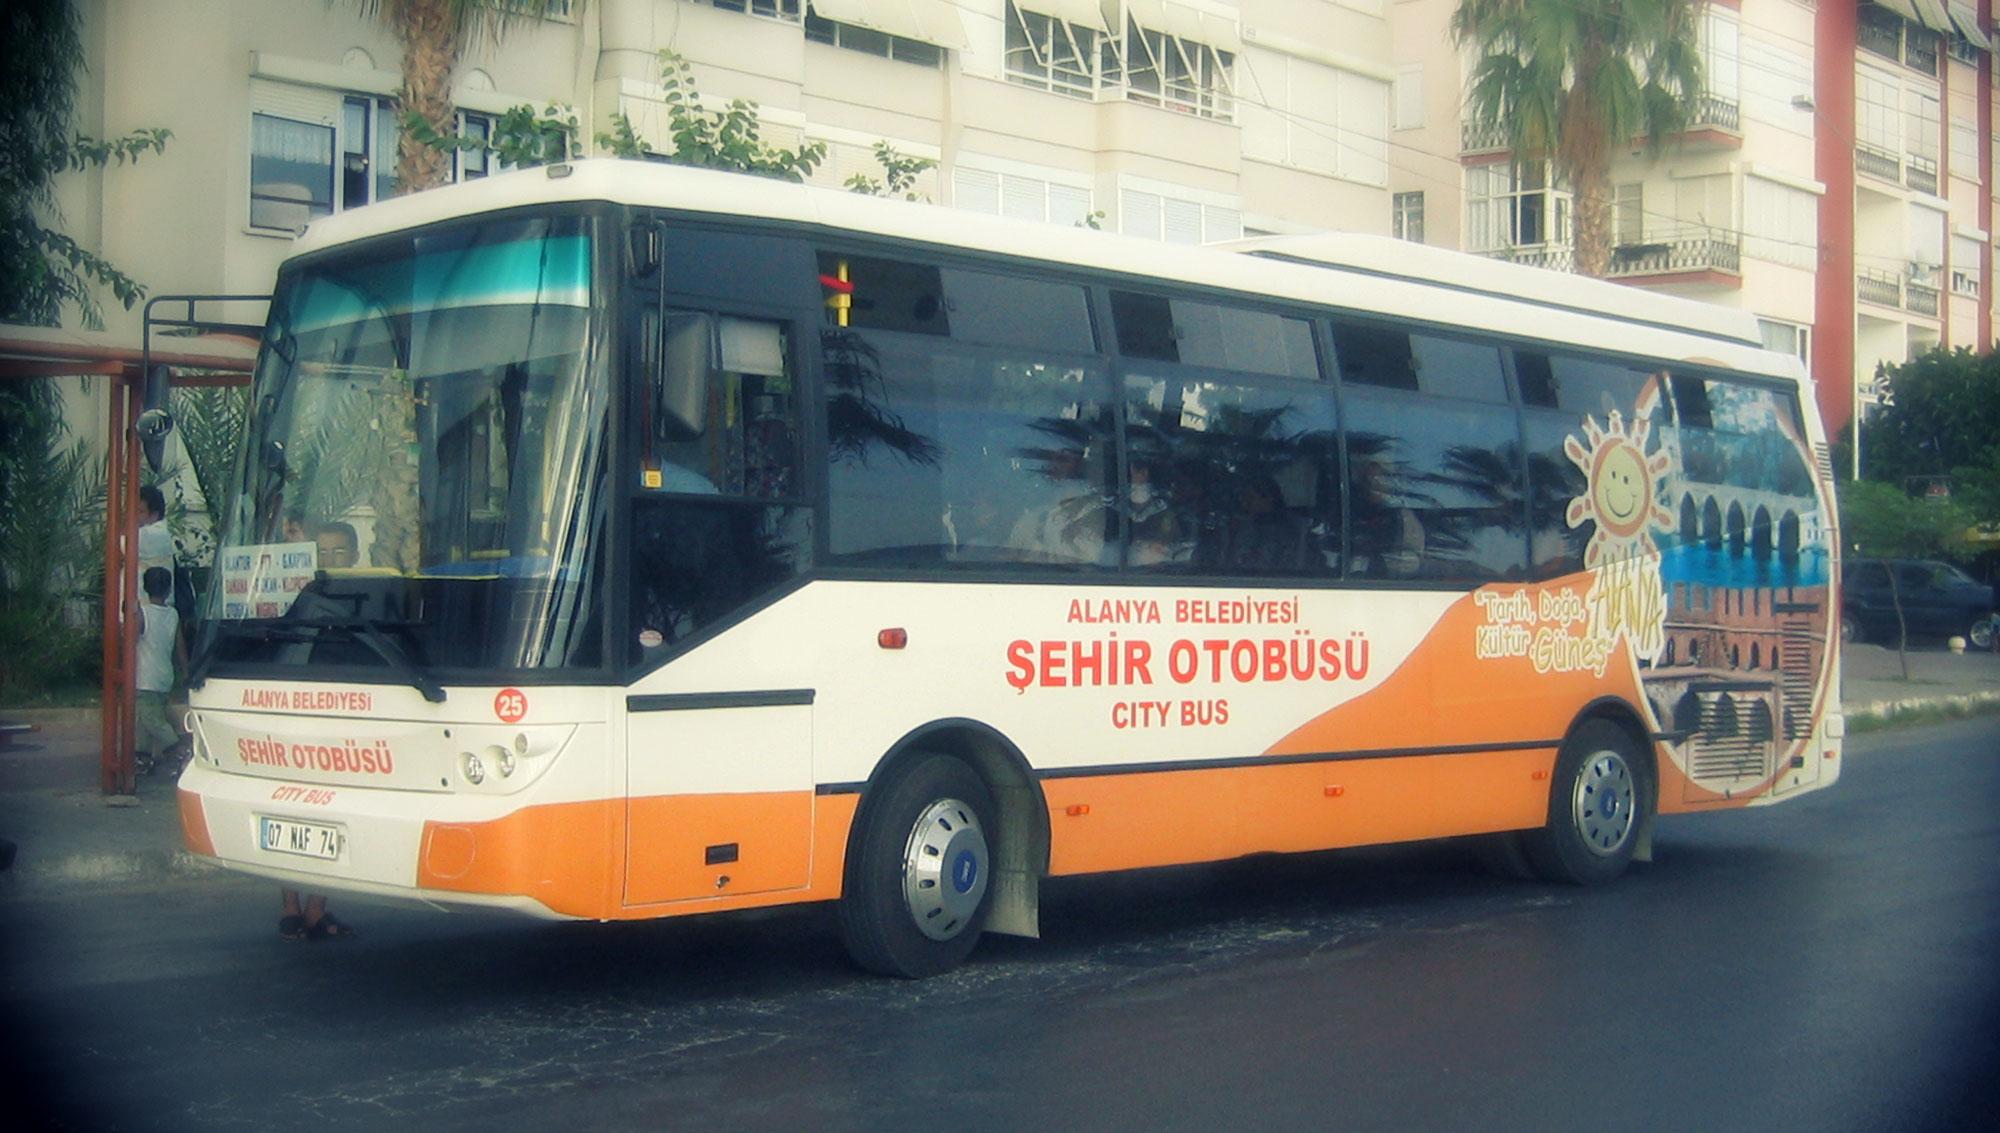 Halk Otobüsü Üzeri Giydirme - ALTAV